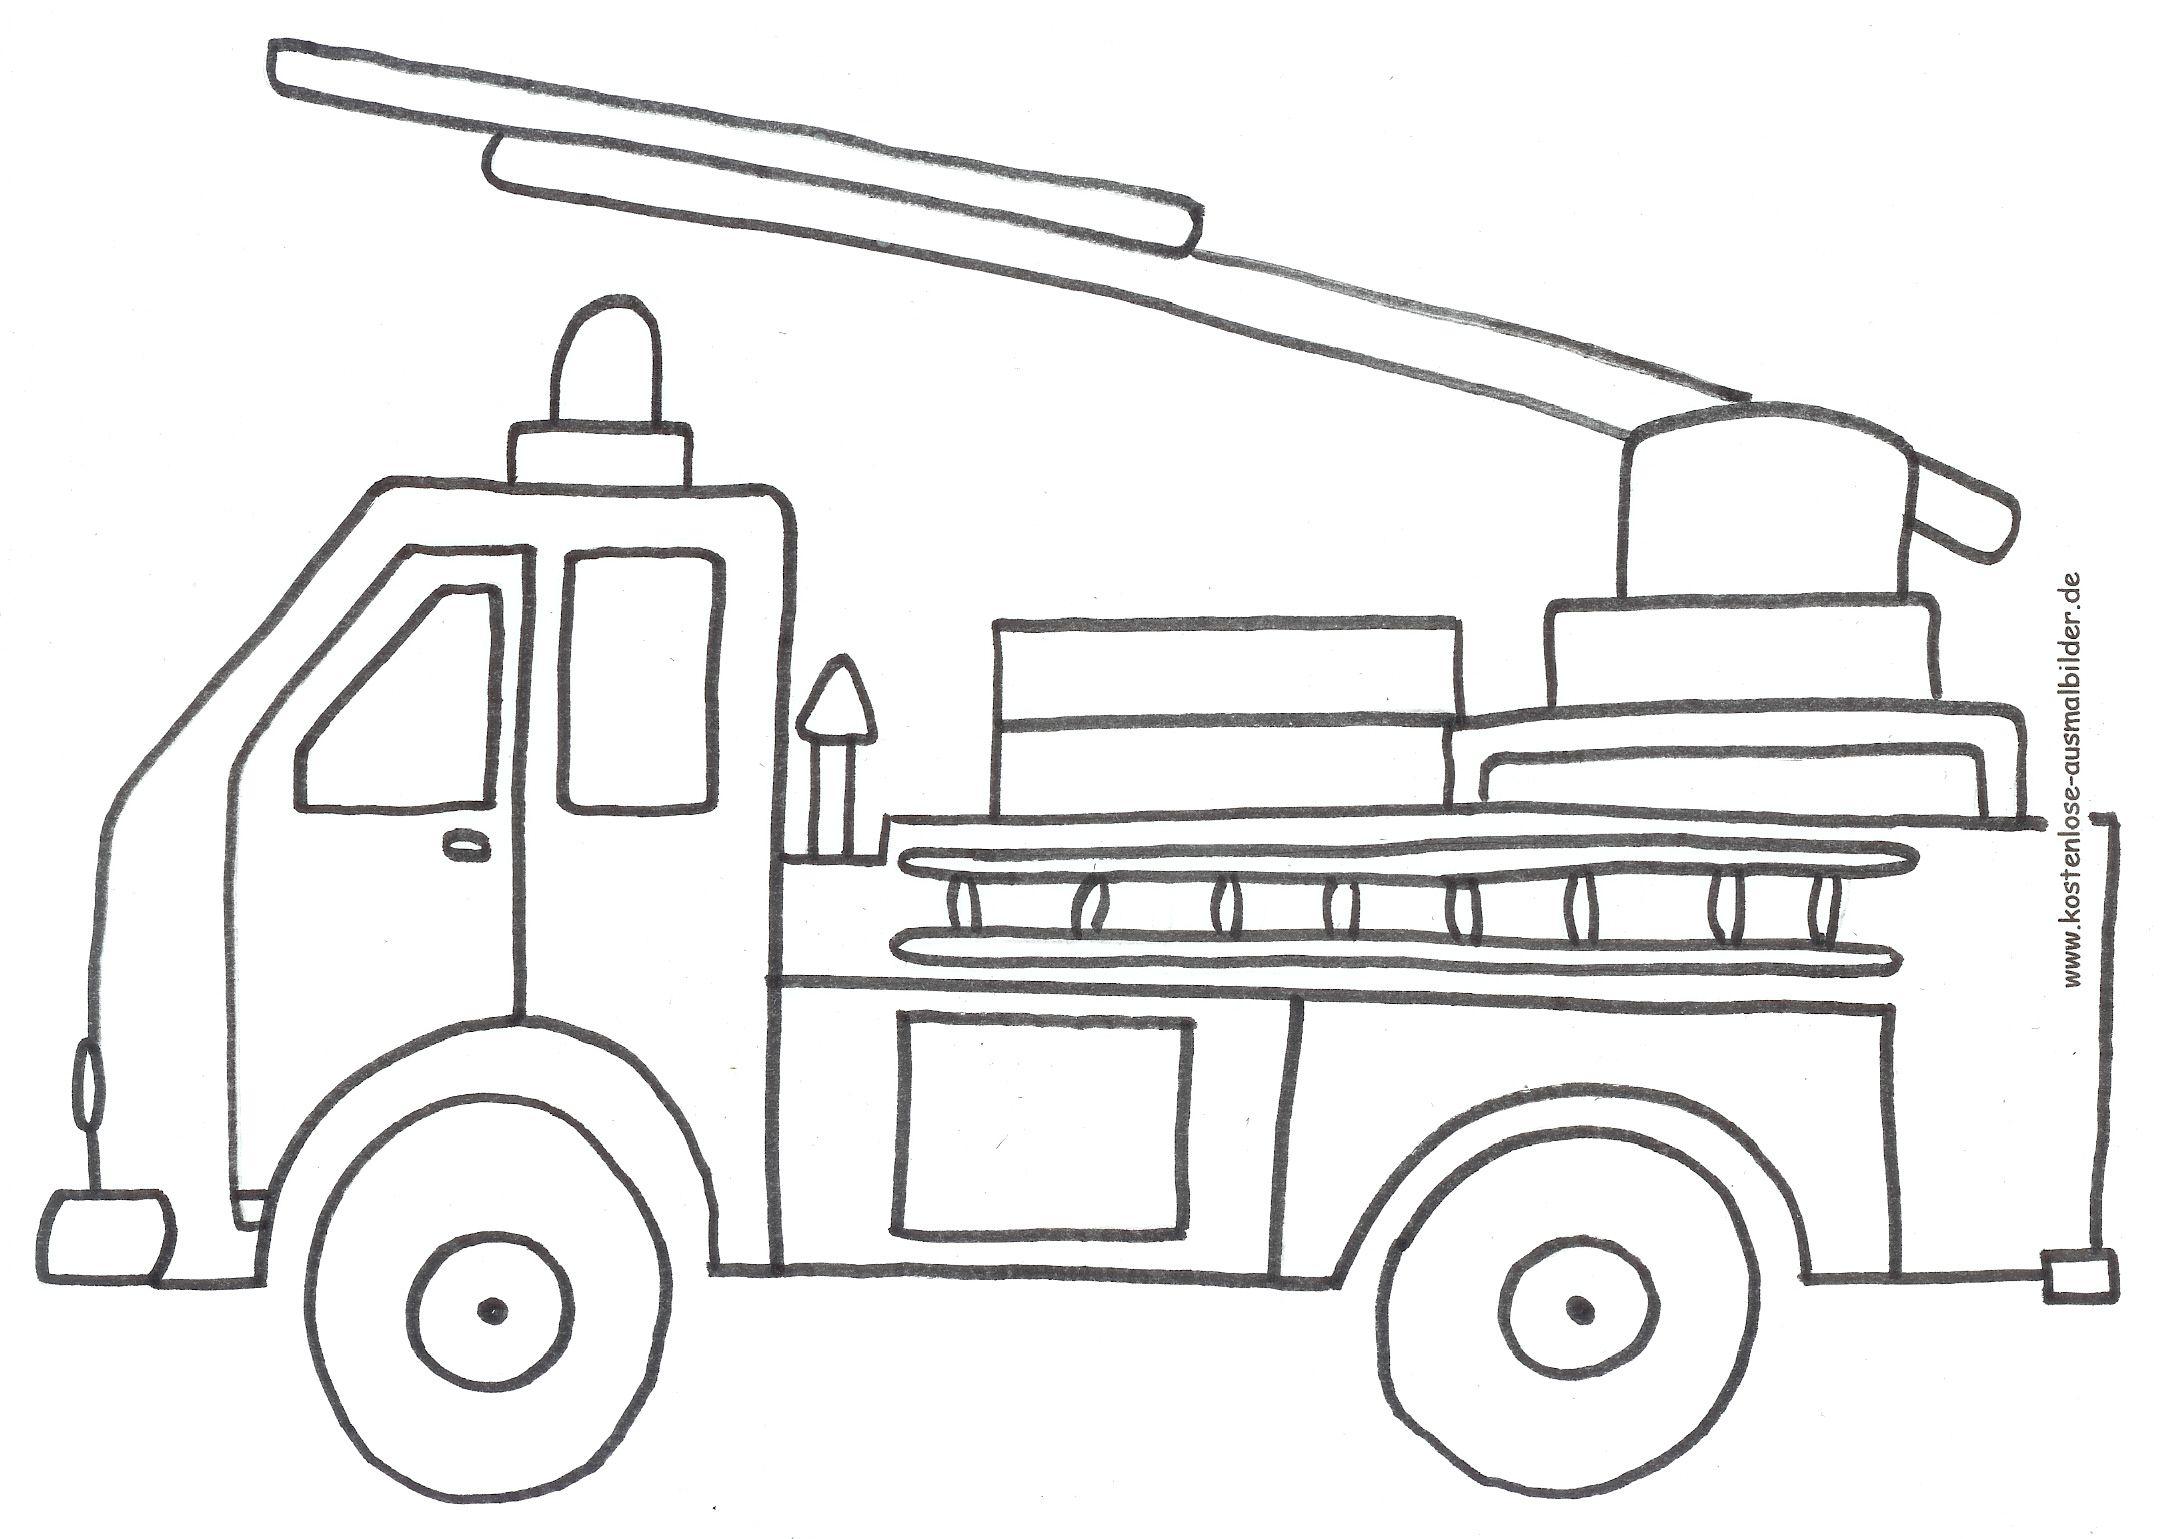 Feuerwehr | Malvorlage Feuerwehr, Feuerwehrauto, Feuerwehr mit Malvorlage Feuerwehr